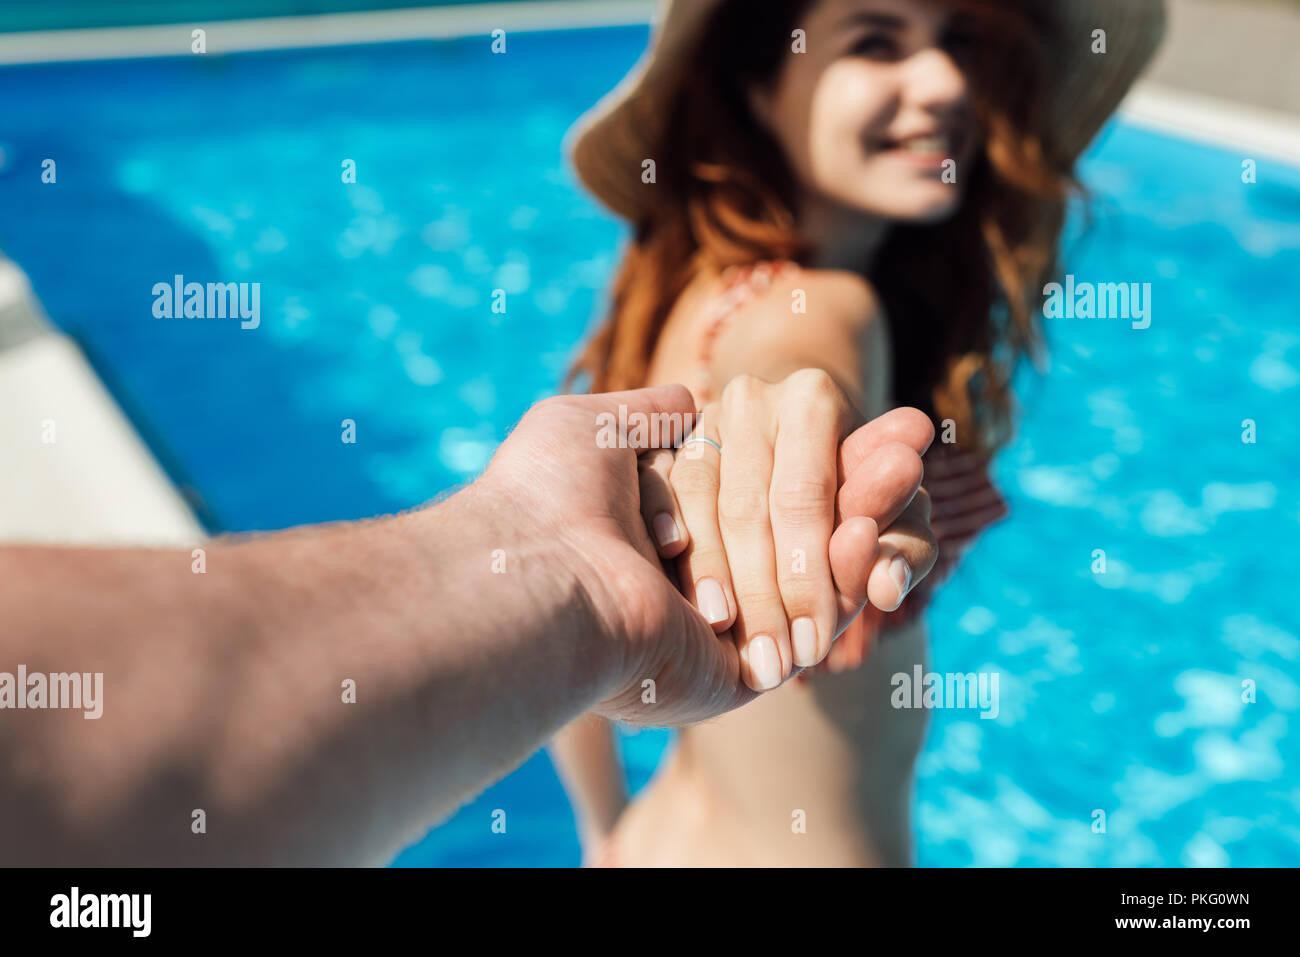 Ritagliato colpo di azienda man mano di sua moglie felice in piscina, follow me concetto Immagini Stock